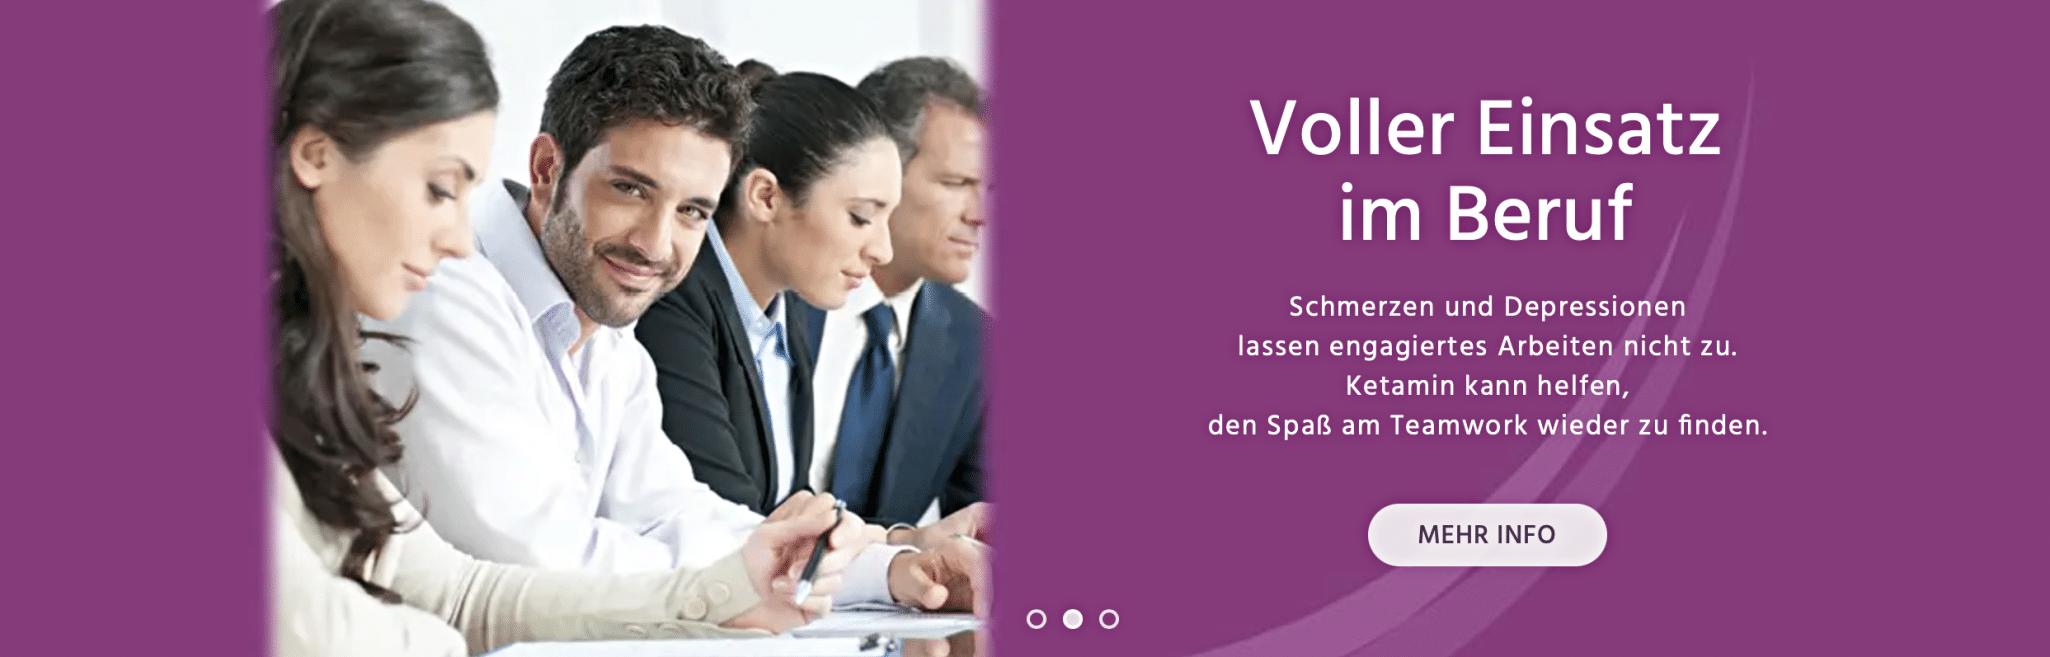 Individuelle Therapie mit Ketamin zur Behandlung von Schmerzen und Depressionen. Praxis Dr. Mathers · Köln, Germany